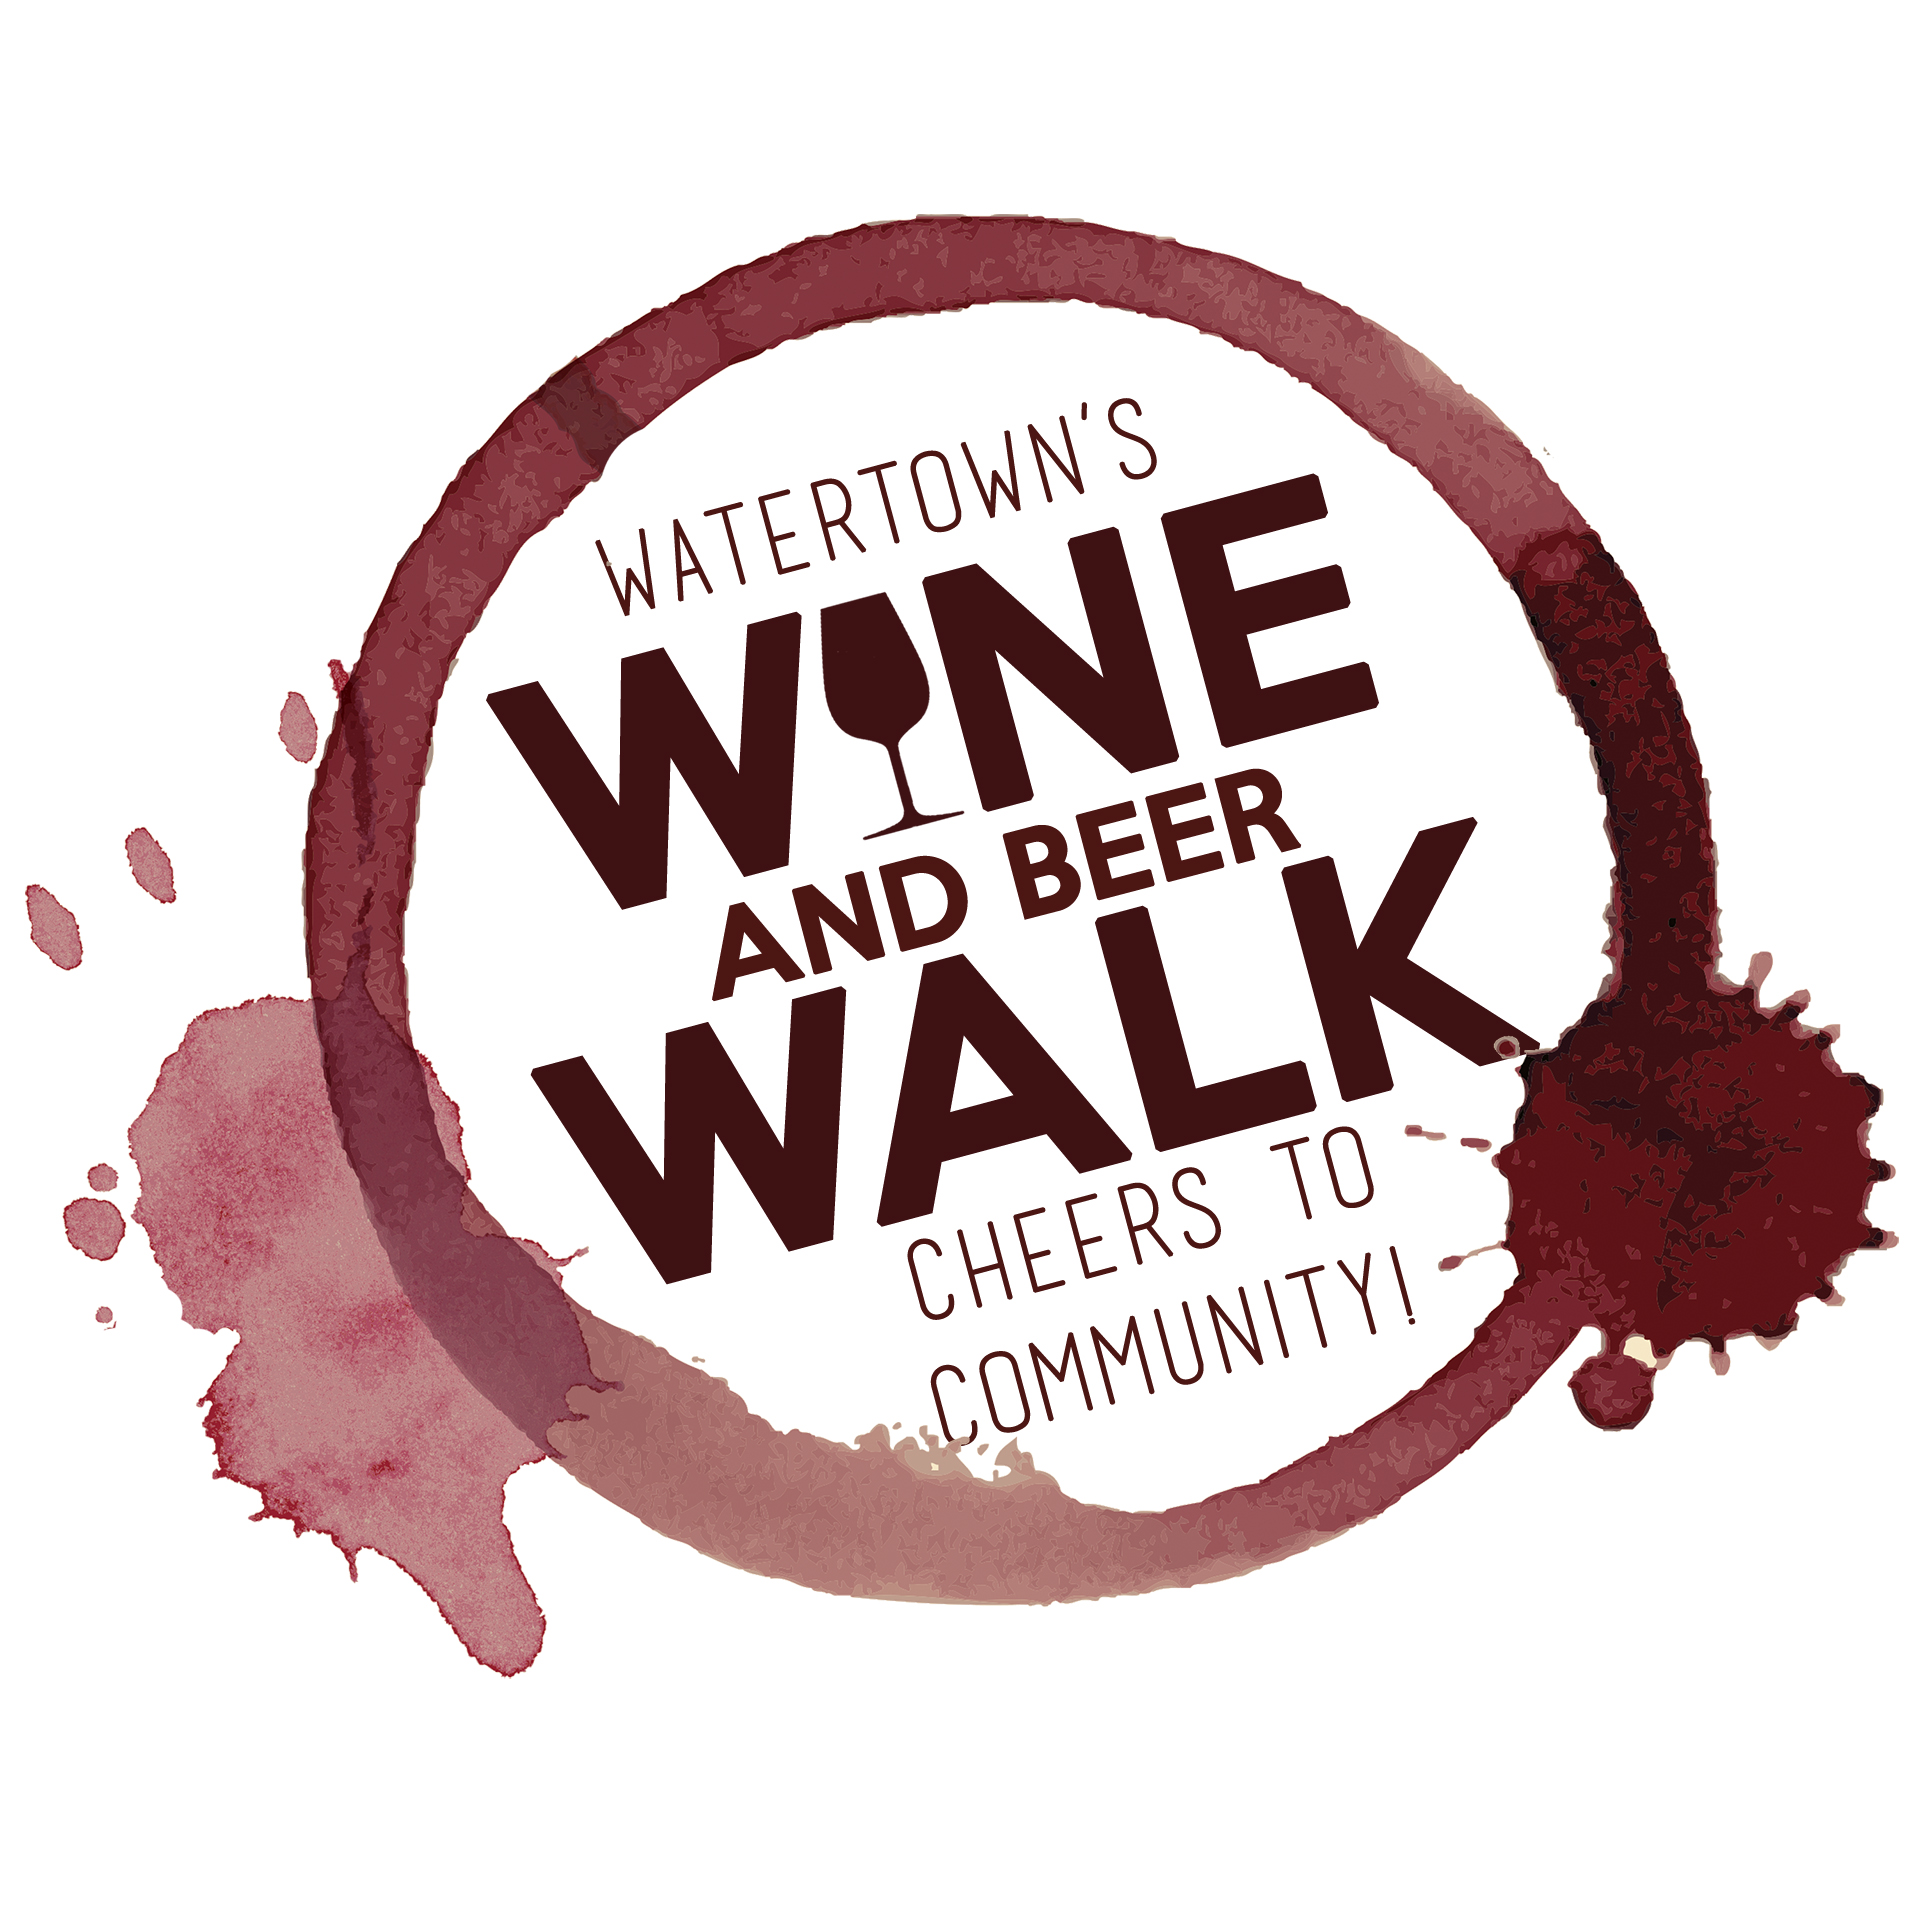 Wine-and-Beer-Walk-Logo_2018.jpg